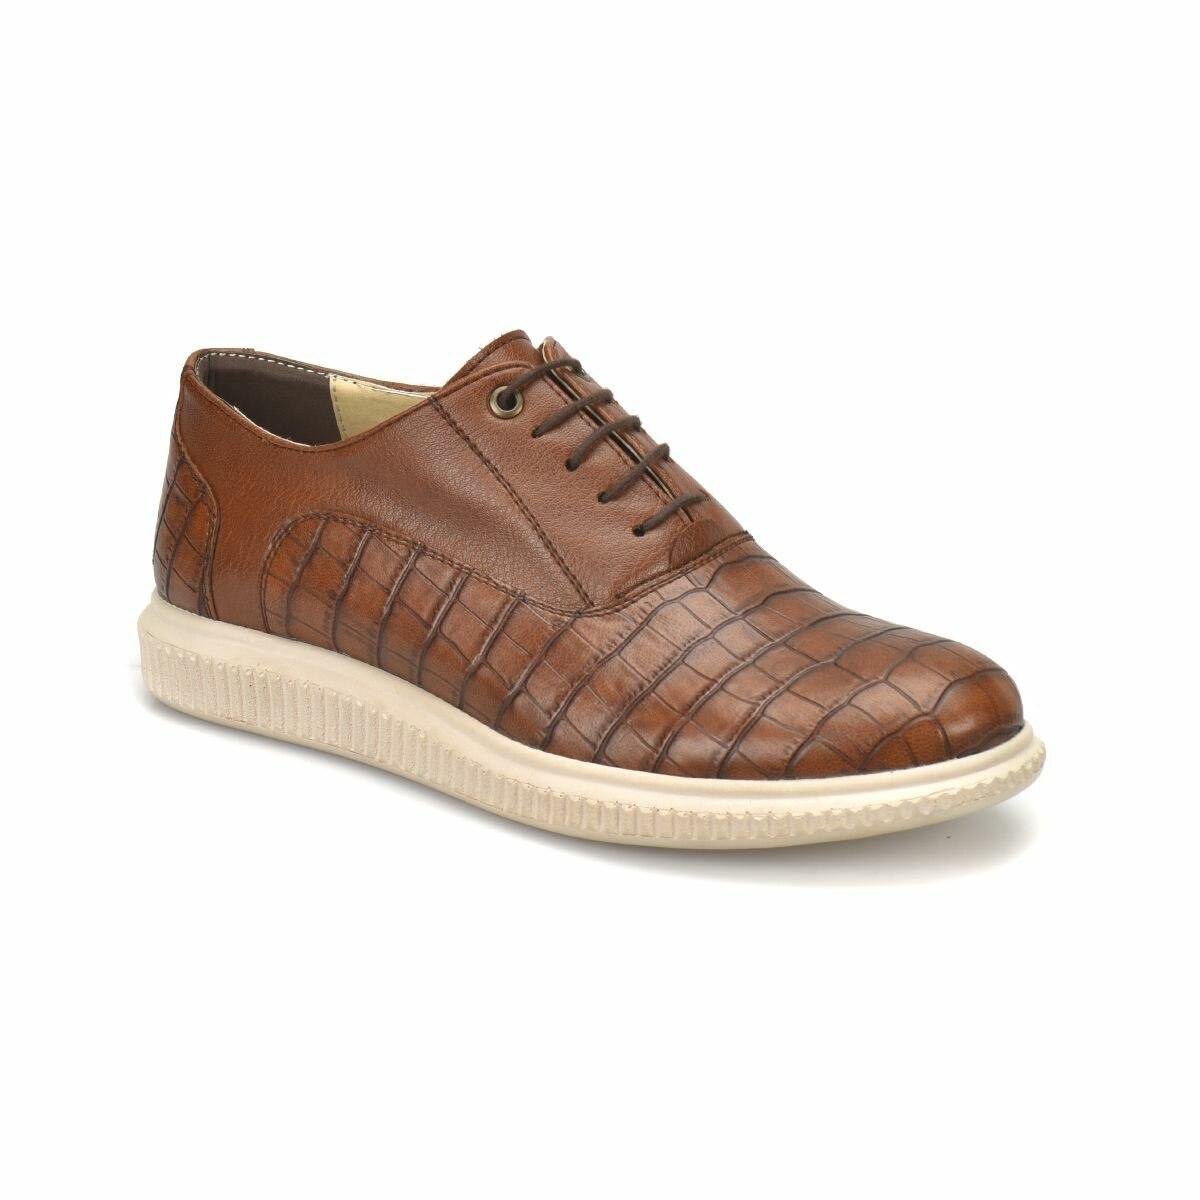 FLO 85129-1 Tan Men 'S Classic Shoes JJ-Stiller